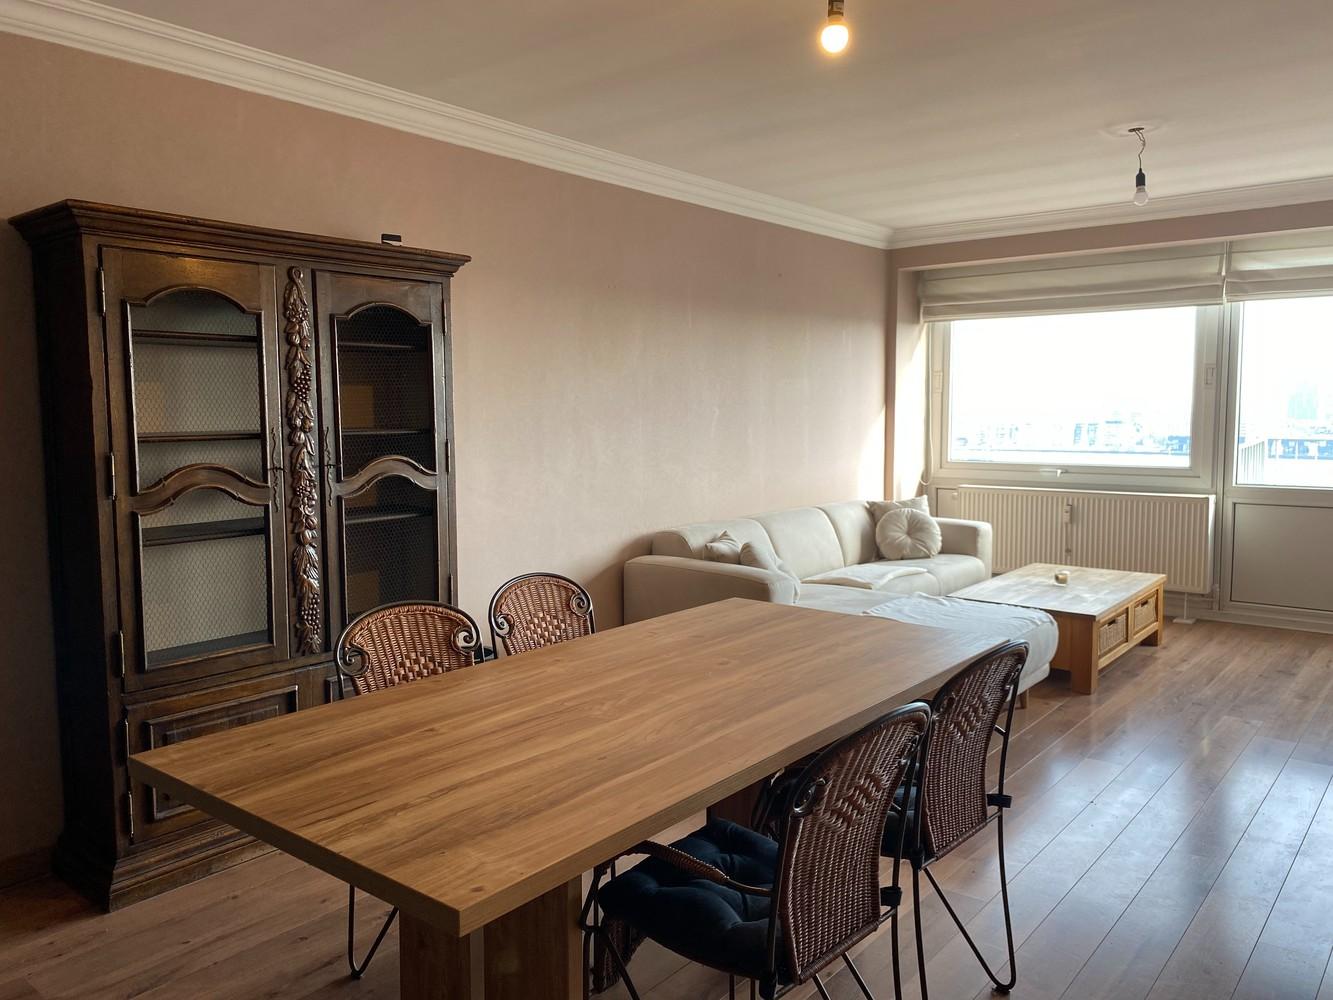 Lichtrijk, bemeubeld en ruim appartement met 2 slaapkamers & een uniek uitzicht over Antwerpen! afbeelding 6